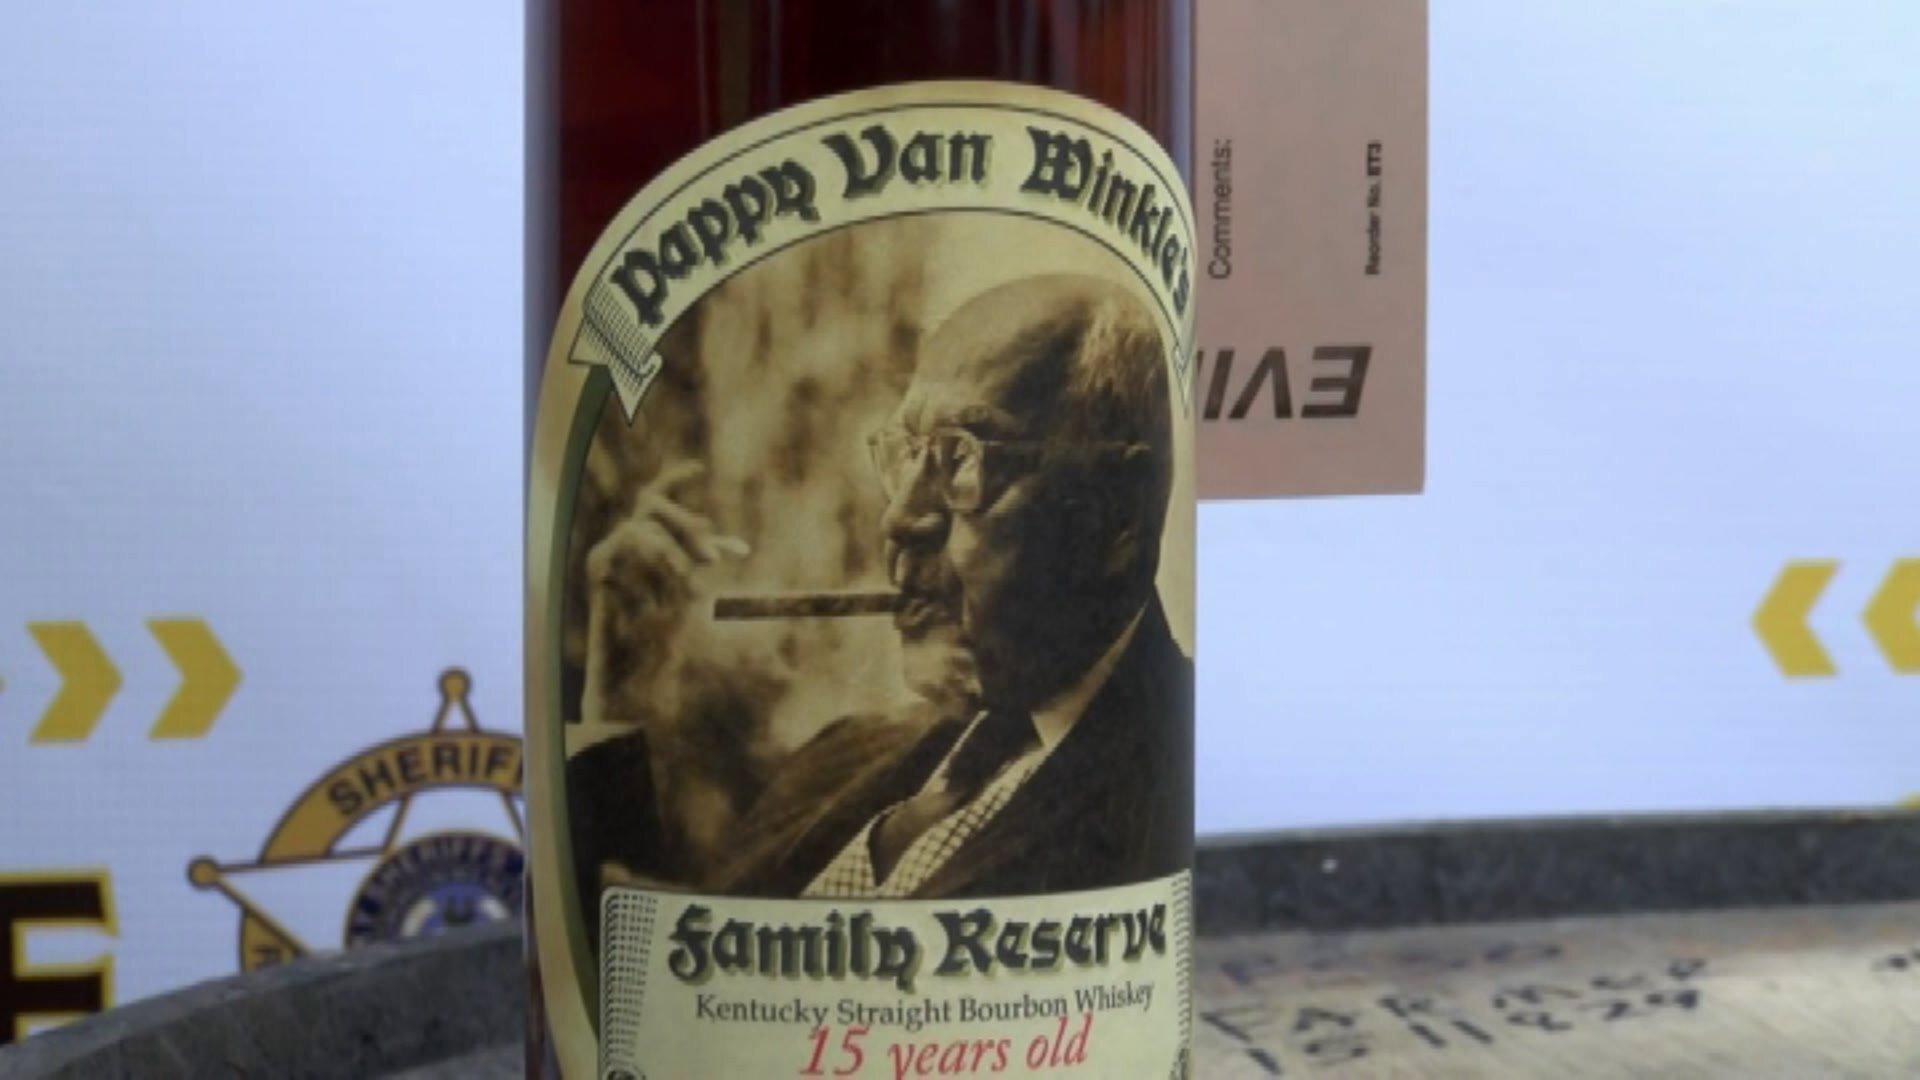 Photos: Distillery workers indicted in massive Kentucky bourbonheist